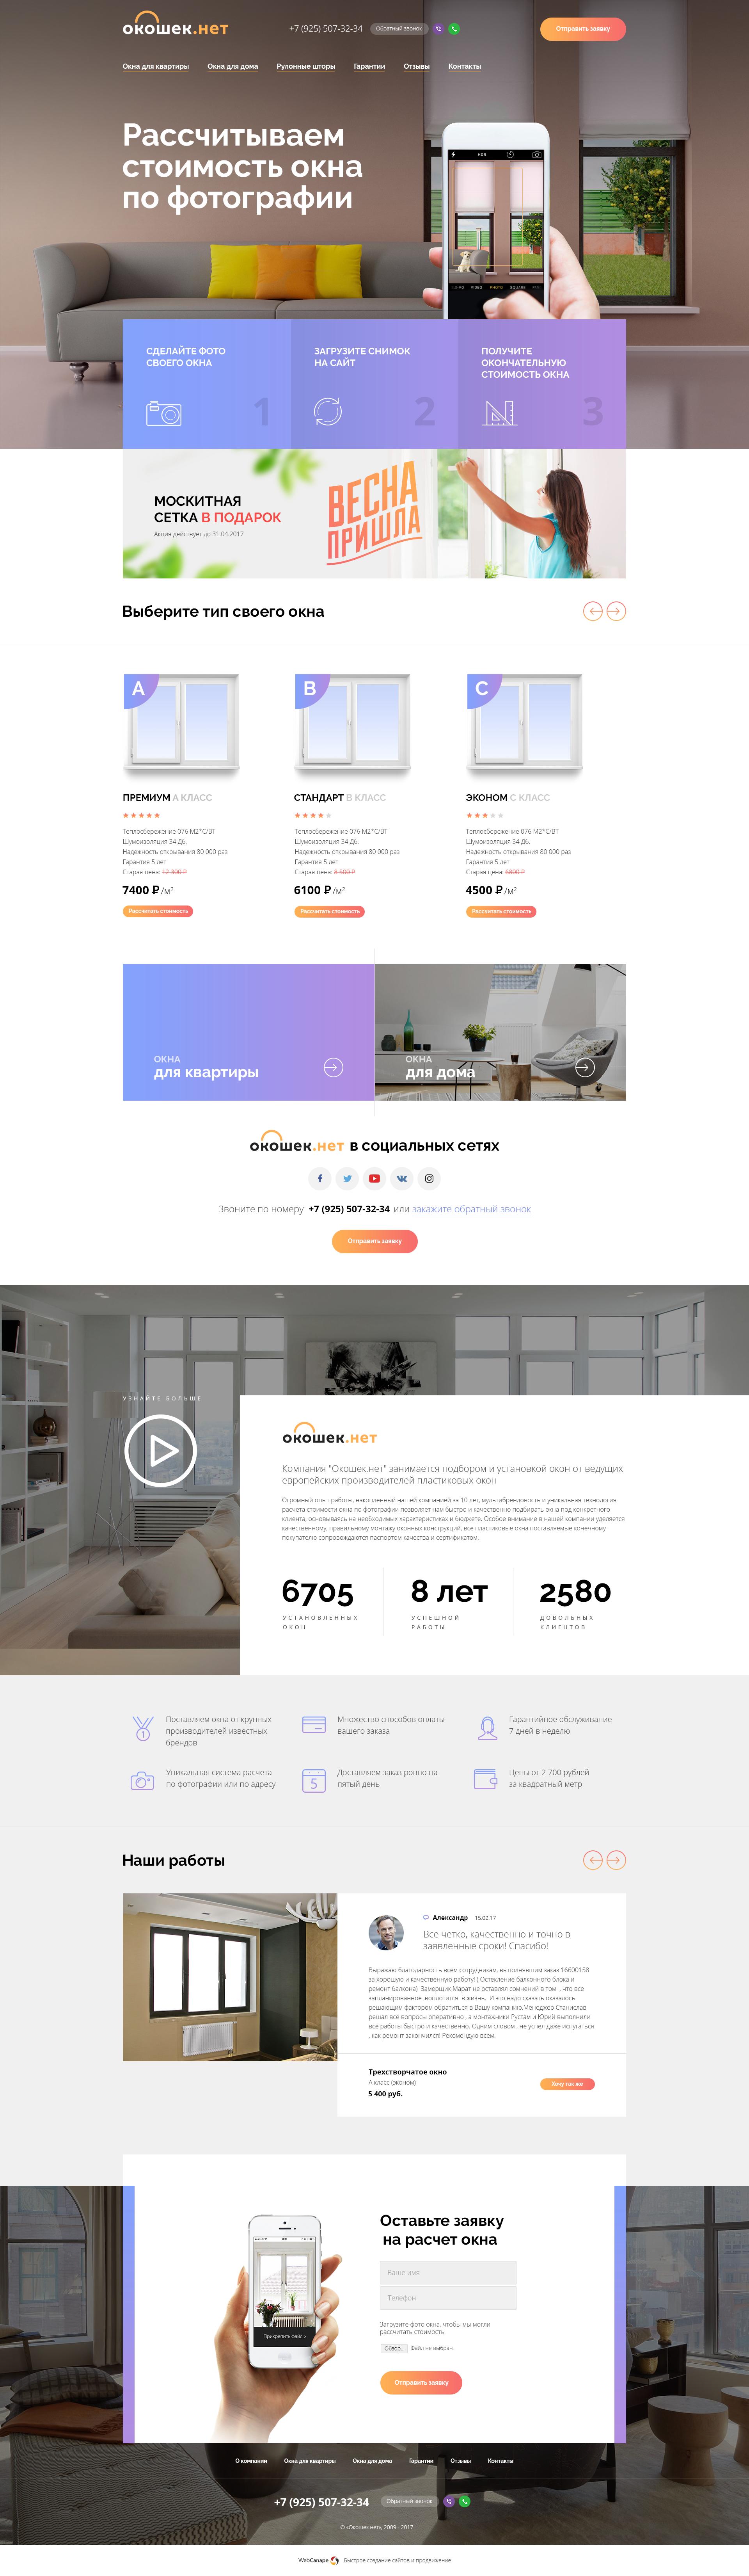 Разработка адаптивного сайта для оконной компании